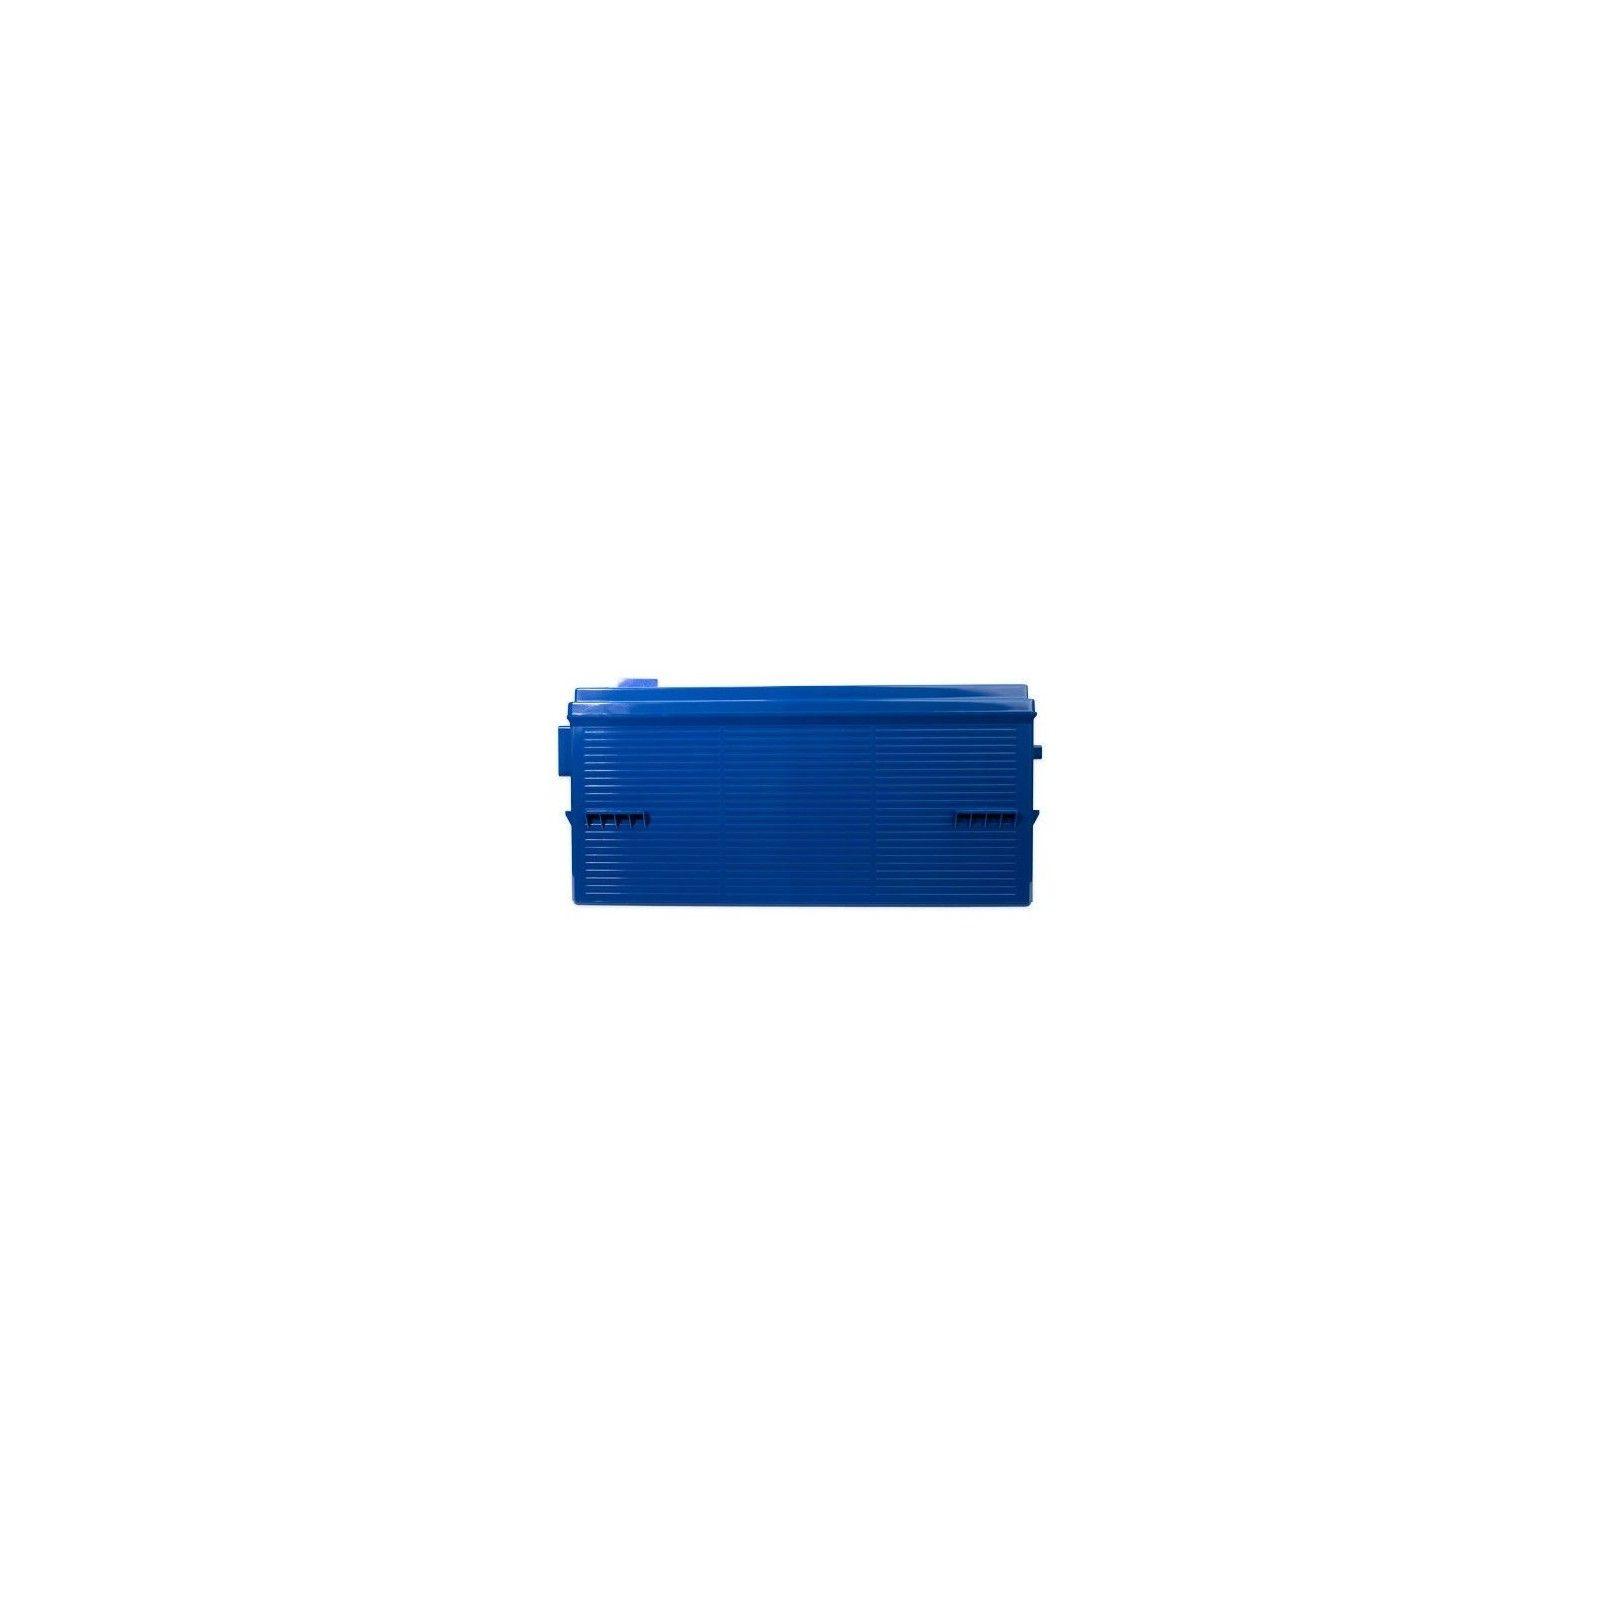 Batería Fullriver DCG160-12 160Ah 12V Dcg FULLRIVER - 1